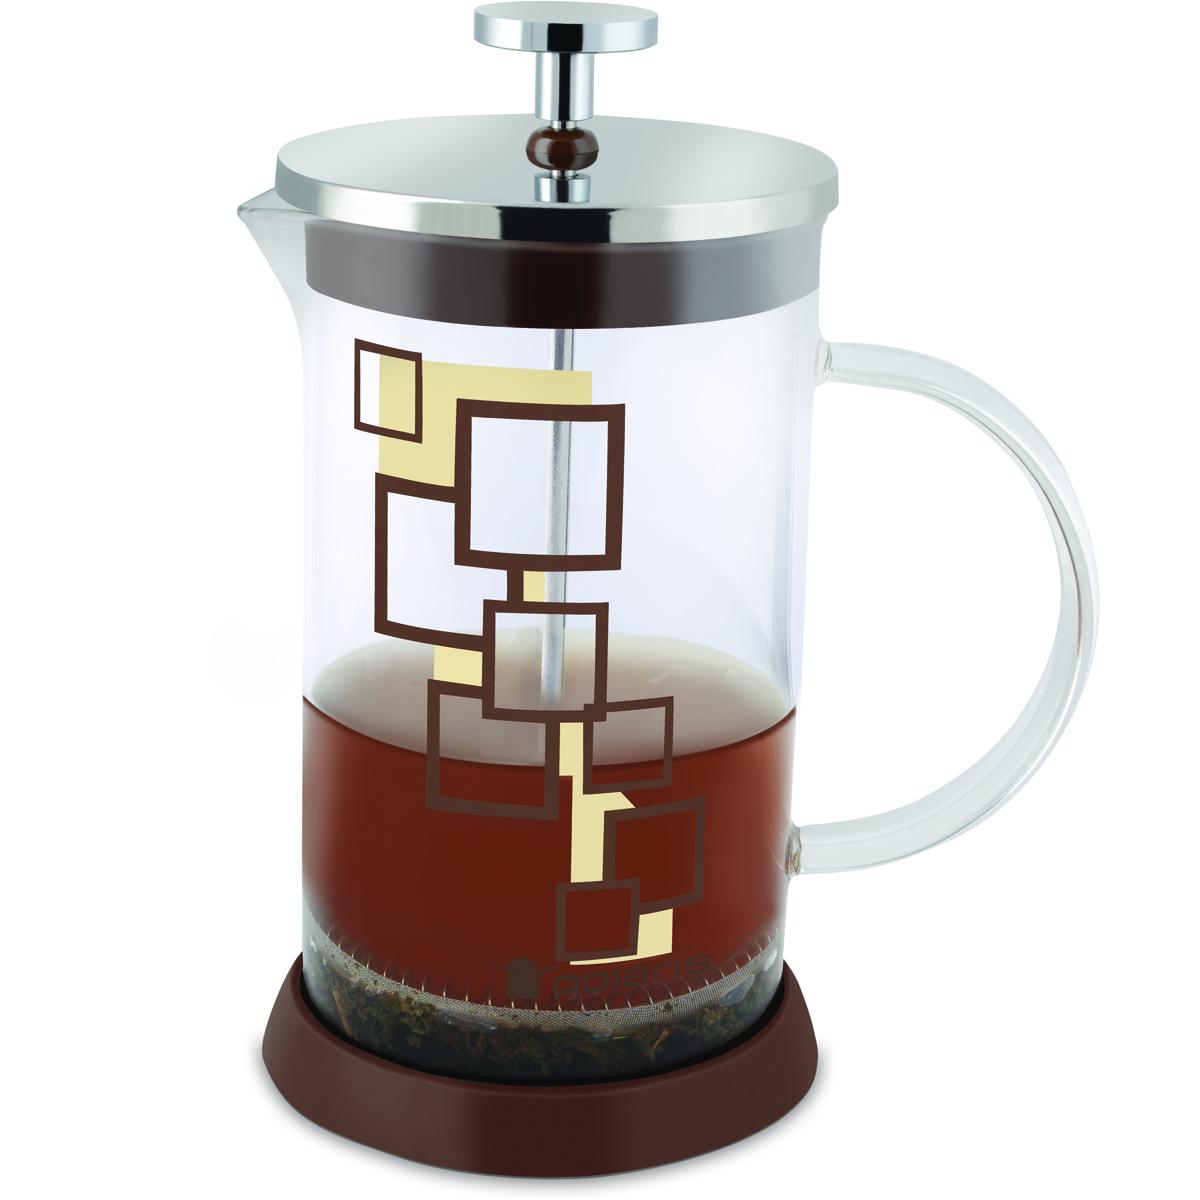 Френч-пресс Polaris Pixel-350FP, 350 млVT-1520(SR)Эксклюзивный дизайн. Френч-пресс Polaris Pixel подходит для заваривания кофе и чая.Колба изготовлена из жаропрочного стекла. Эргономичный поршень с фильтром выполнен из нержавеющей стали 18/10. Подставка из высококачественного силикона для удобства использования.